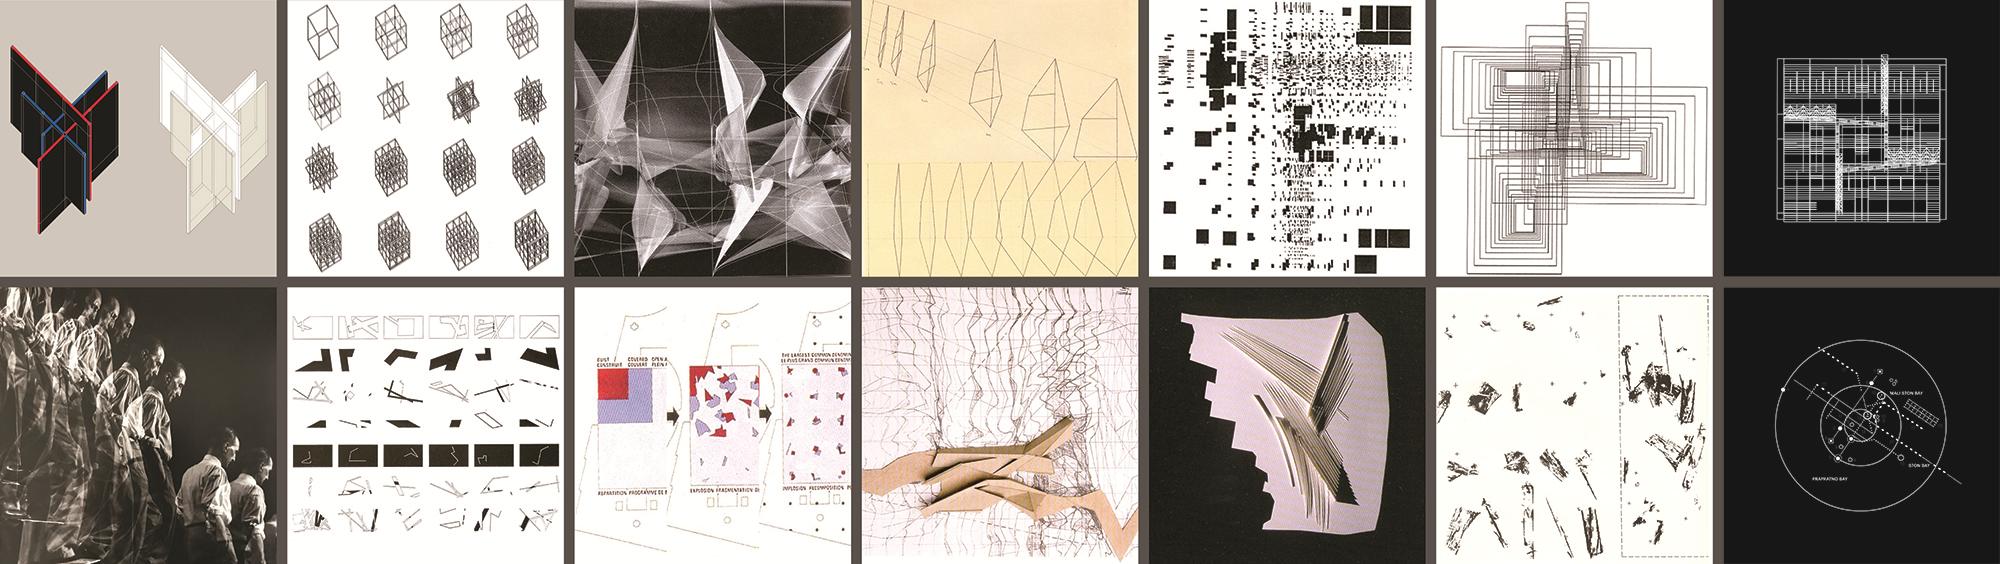 Kompozicija i kompozicijski dijagrami u arhitekturi/ izložba Ivane Tutek